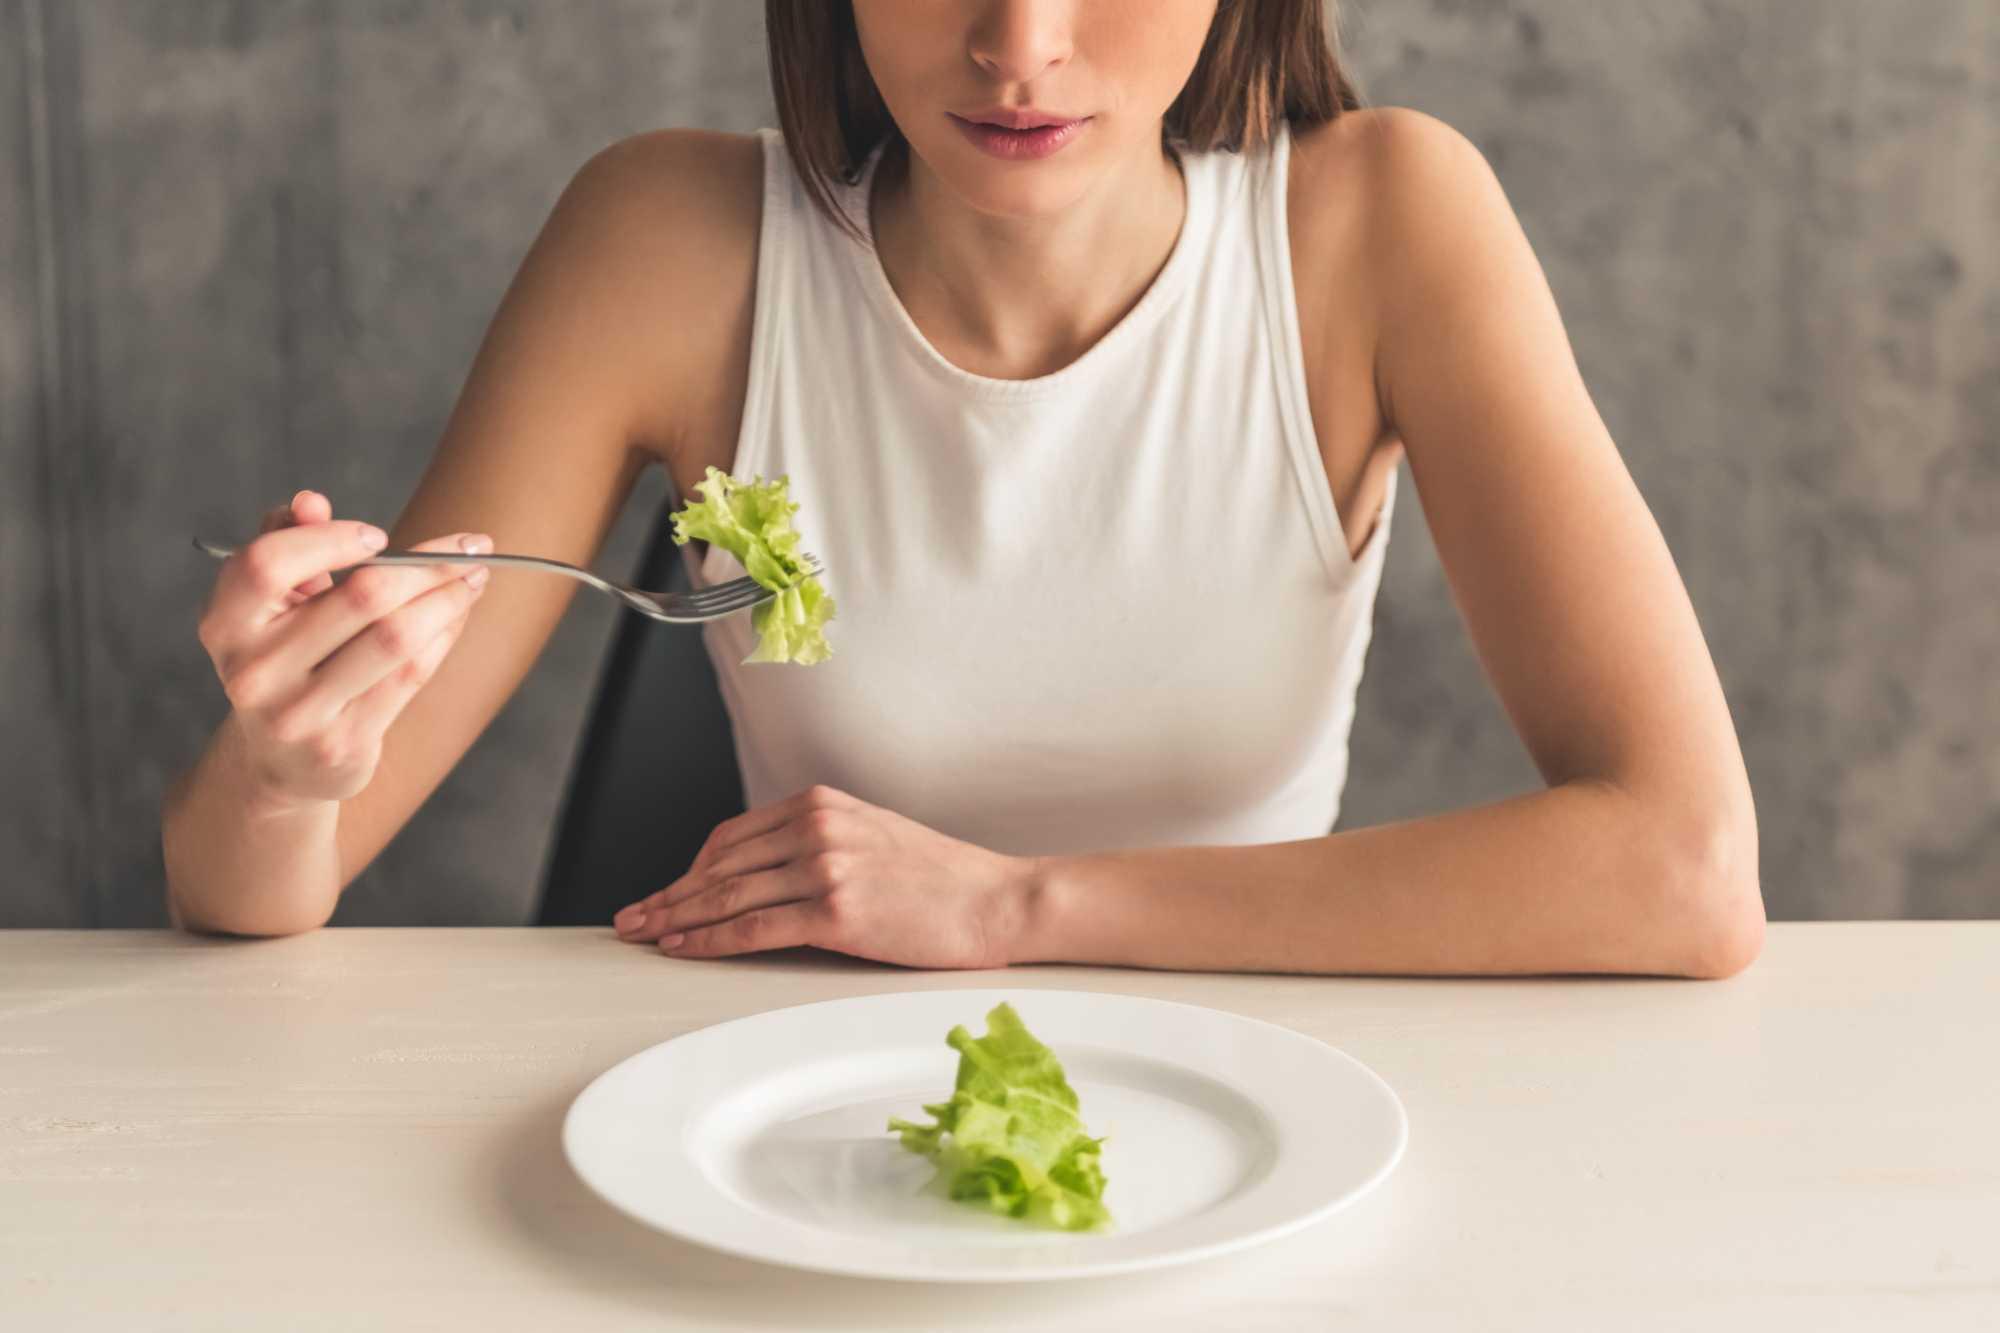 Uma dieta restritiva ajuda aemagrecer rápido, porém, não é saudável.